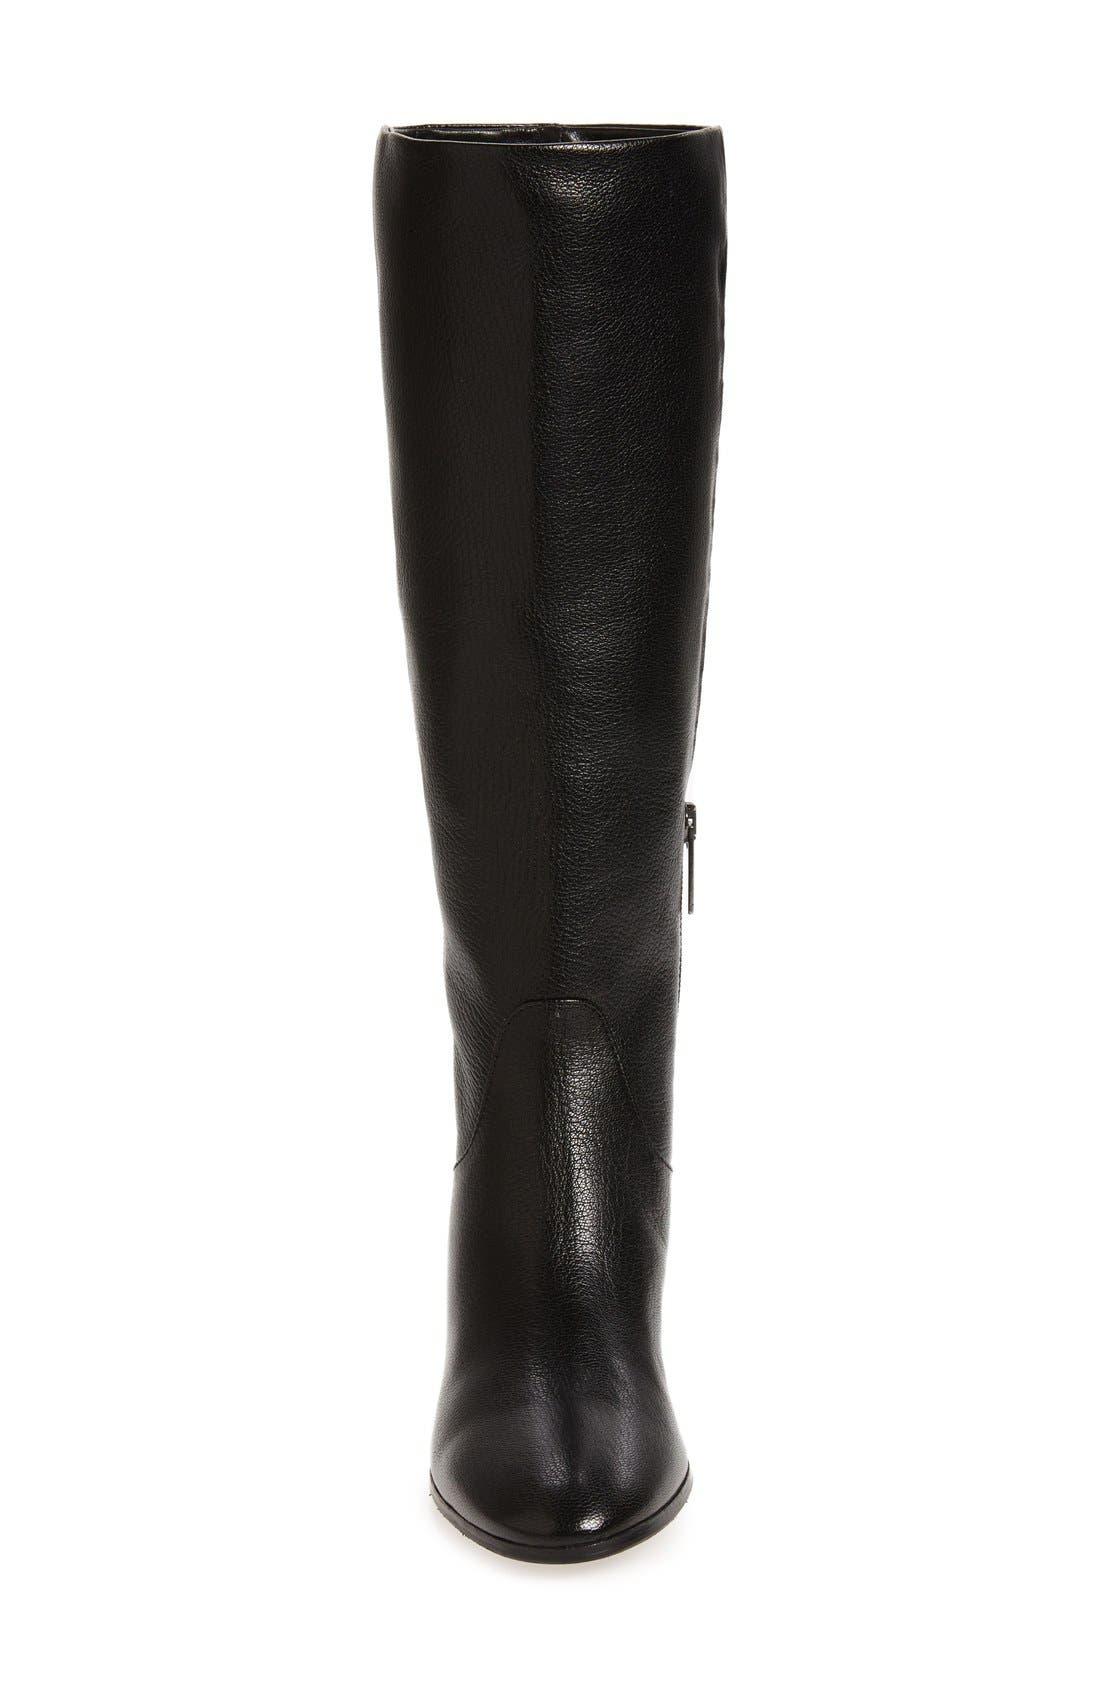 AQUATALIA,                             Deanna Weatherproof Knee High Boot,                             Alternate thumbnail 3, color,                             001